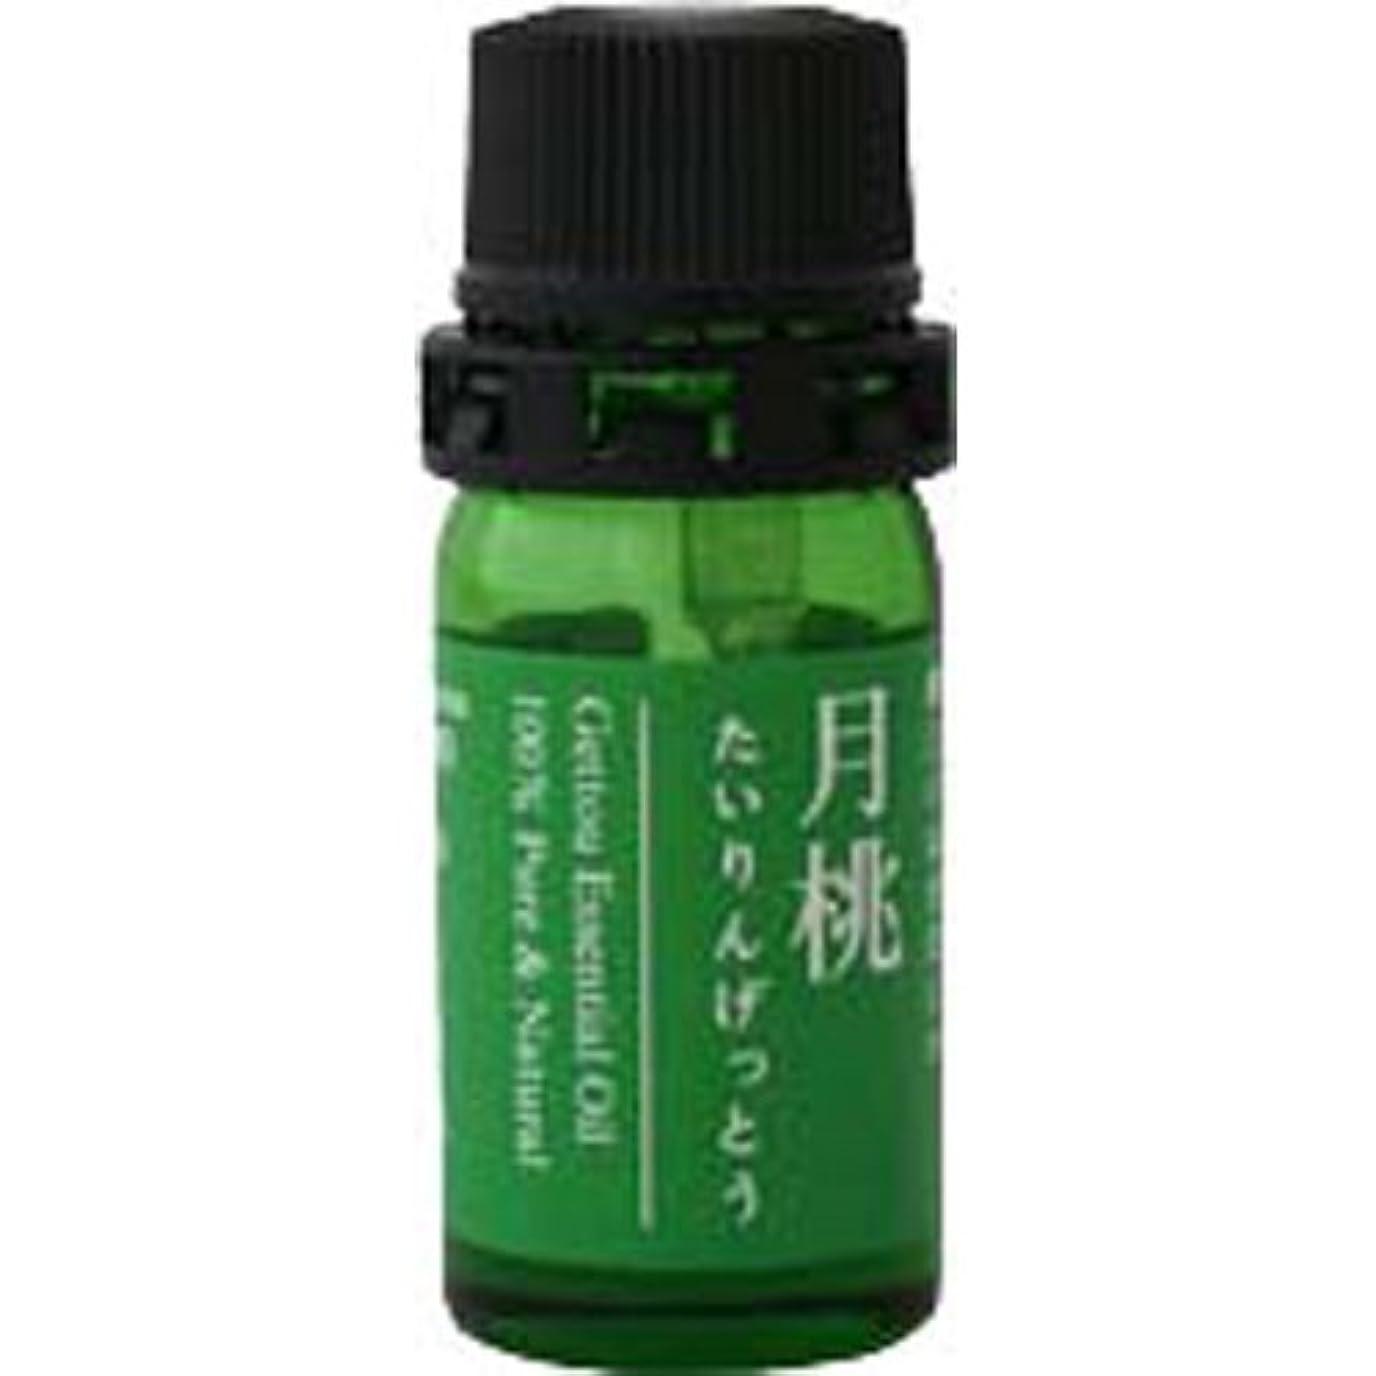 道徳区バルーン月桃 エッセンシャルオイル (タイリン) 2.5ml